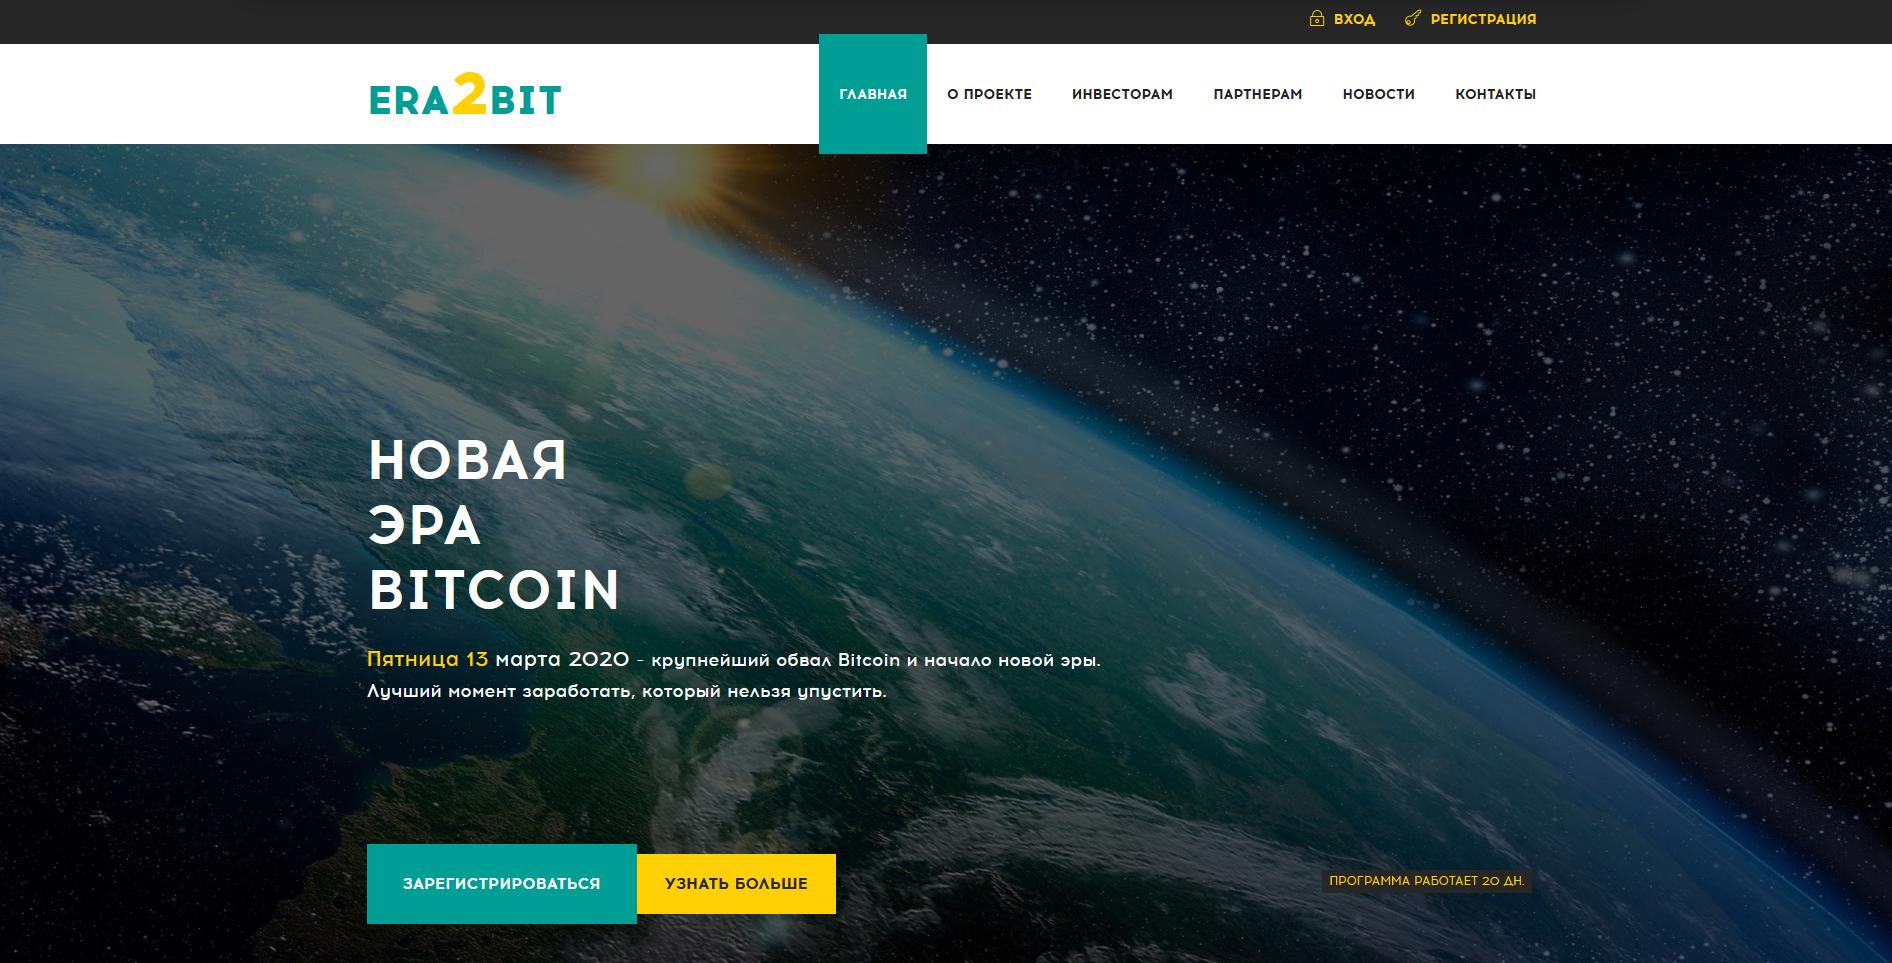 ERA2BIT - era2bit.digital